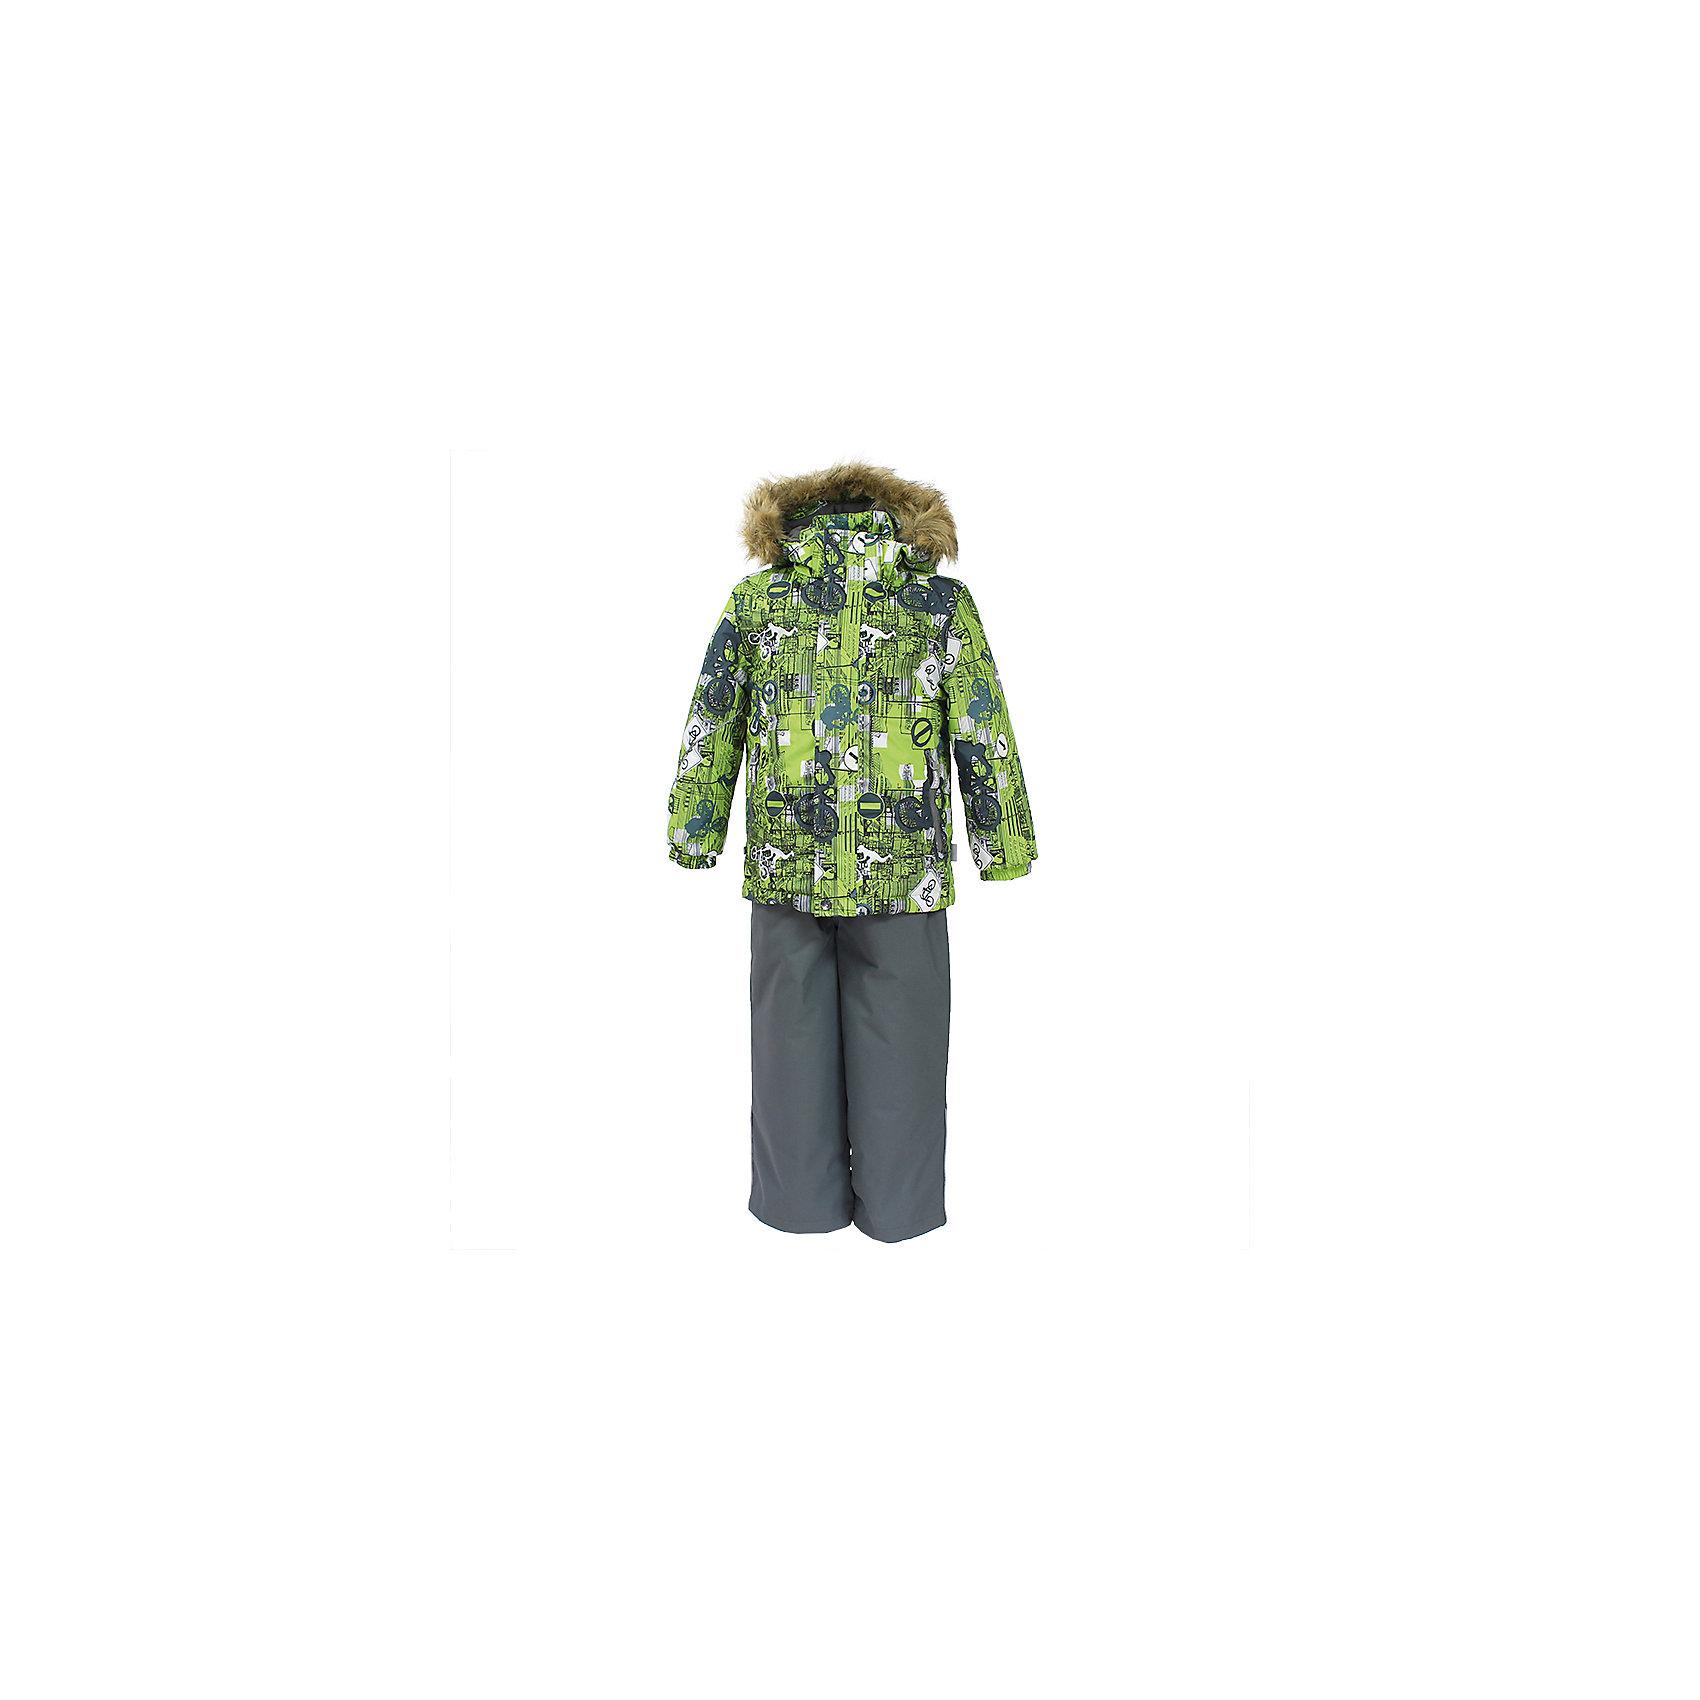 Комплект: куртка и брюки DANTE 1 HuppaВерхняя одежда<br>Характеристики товара:<br><br>• модель: Dante 1;<br>• цвет: салатовый принт/серый;<br>• состав: 100% полиэстер;<br>• утеплитель: нового поколения HuppaTherm, 300 гр куртка / 160гр полукомбинезон;<br>• подкладка: полиэстер: тафта, pritex;<br>• сезон: зима;<br>• температурный режим: от -5 до - 30С;<br>• водонепроницаемость: 10000 мм  ;<br>• воздухопроницаемость: 10000 г/м2/24ч;<br>• особенности модели: c рисунком; с мехом на капюшоне;<br>• плечевые швы и шаговый шов проклеены и не пропускают влагу;<br>• в куртке застежка молния, прикрыта планкой;<br>• низ куртки стягивается кулиской, что помогает предотвращать попадание снега внутрь;<br>• в полукомбинезоне застежка молния;<br>• эластичные подтяжки регулируются по длине;<br>• низ брюк затягивается на шнурок с фиксатором;<br>• снегозащитные манжеты на штанинах<br>• безопасный капюшон крепится на кнопки и, при необходимости, отстегивается;<br>• искусственный мех на капюшоне съемный;<br>• светоотражающие элементы для безопасности ребенка ;<br>• внутренний и боковые карманы застегиваются на молнию;<br>• манжеты рукавов эластичные, на резинках; <br>• страна бренда: Финляндия;<br>• страна изготовитель: Эстония.<br><br>Зимний комплект Dante 1 - это отличный вариант для холодной зимы. Утеплитель HuppaTherm - высокотехнологичный легкий синтетический утеплитель нового поколения. Сохраняет объем и высокую теплоизоляцию изделия. Легко стирается и быстро сохнет. Изделия HuppaTherm легкие по весу, комфортные и теплые. <br><br>Мембрана препятствует прохождению воды и ветра сквозь ткань внутрь изделия, позволяя испаряться выделяемой телом, образовывающейся внутри влаге. Прочная ткань: сплетения волокон в тканях выполнены по специальной технологии, которая придаёт ткани прочность и предохранят от истирания.Подкладка —полиэстер: тафта, pritex.<br><br>Функциональные элементы: Куртка: капюшон и мех отстегивается,  застежка молния, прикрыта планкой, манжеты на резинке, светоотражающие